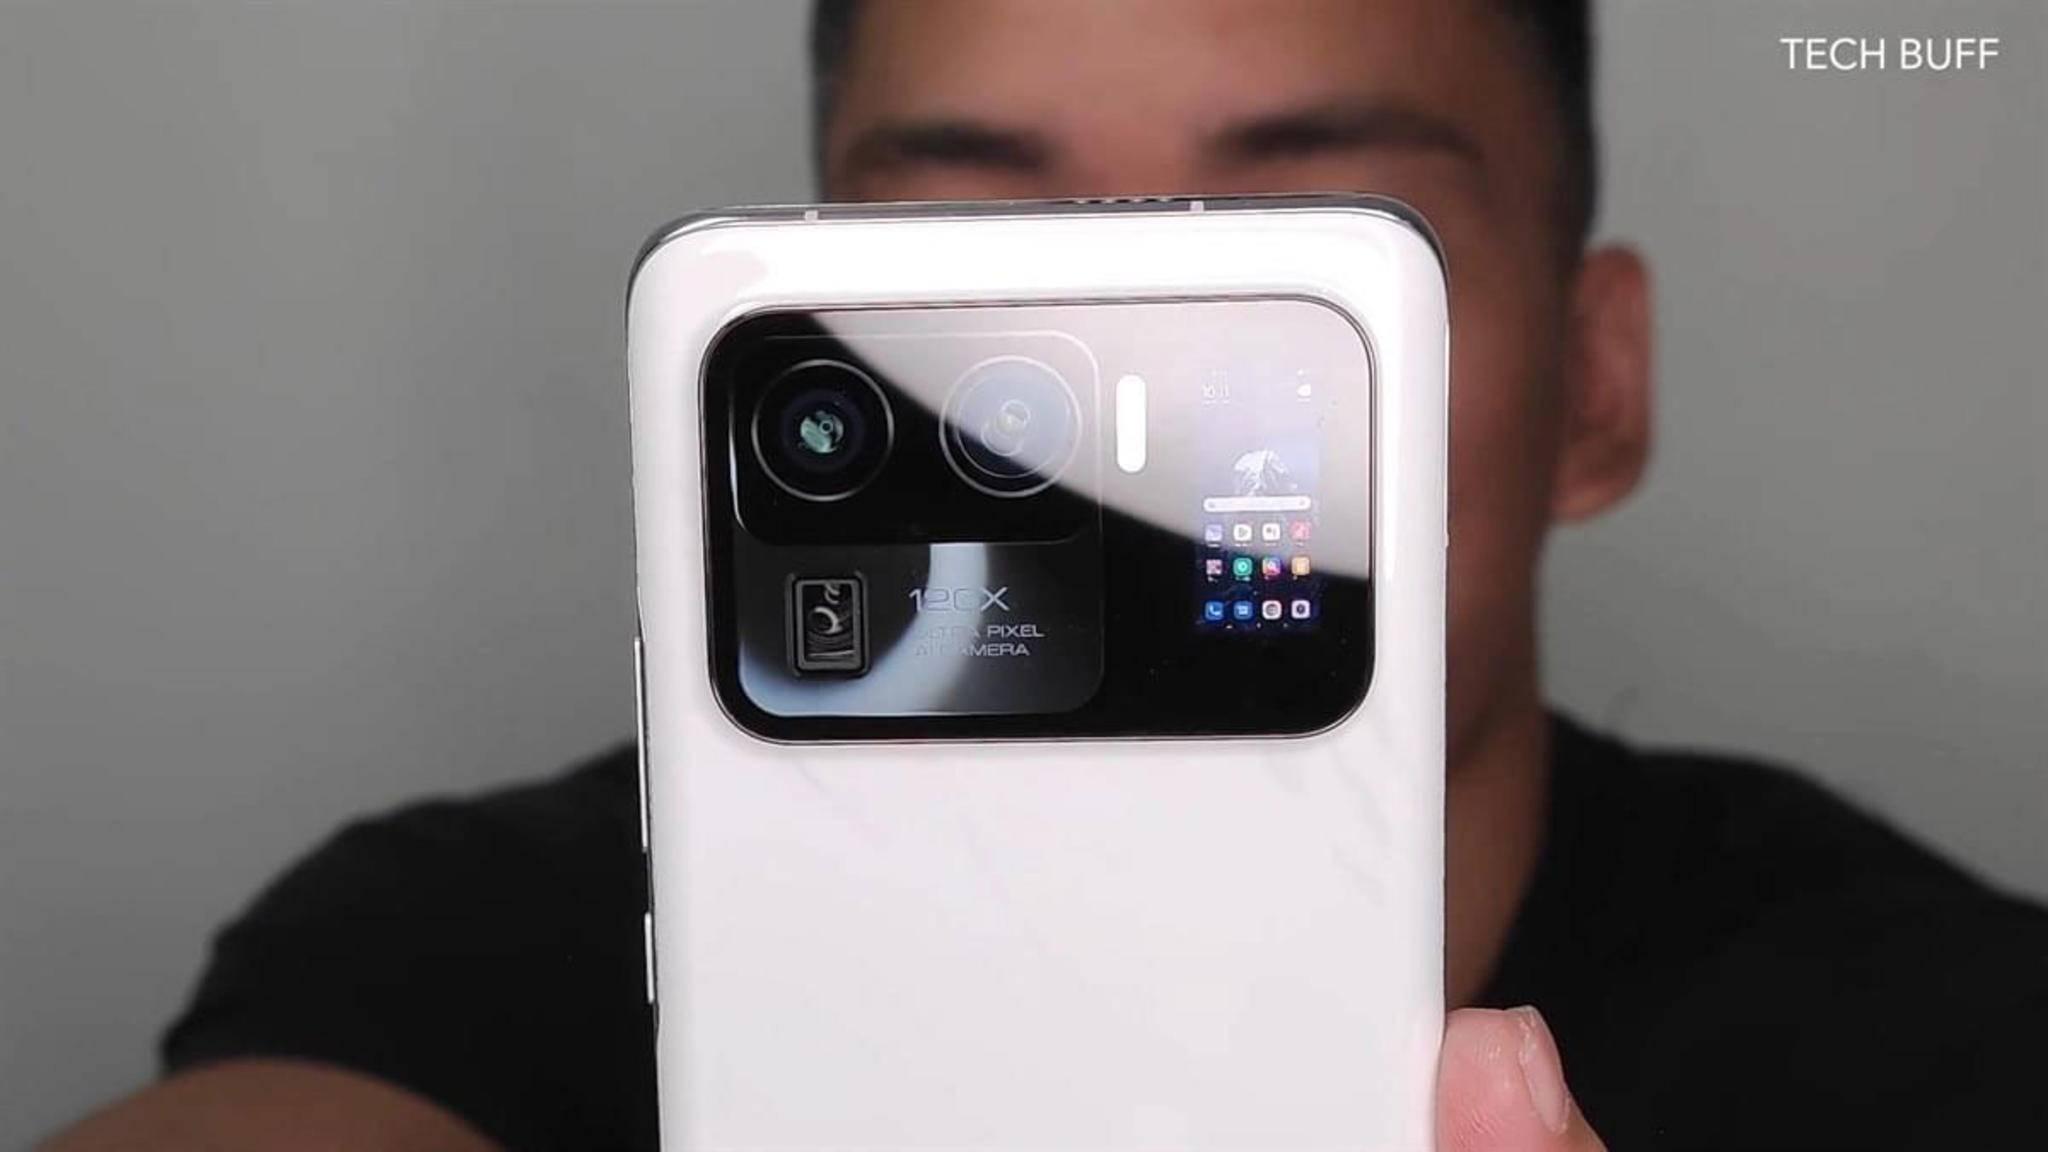 Riesige Kamera, zweiter Screen – davon dürften wohl Selfies profitieren.